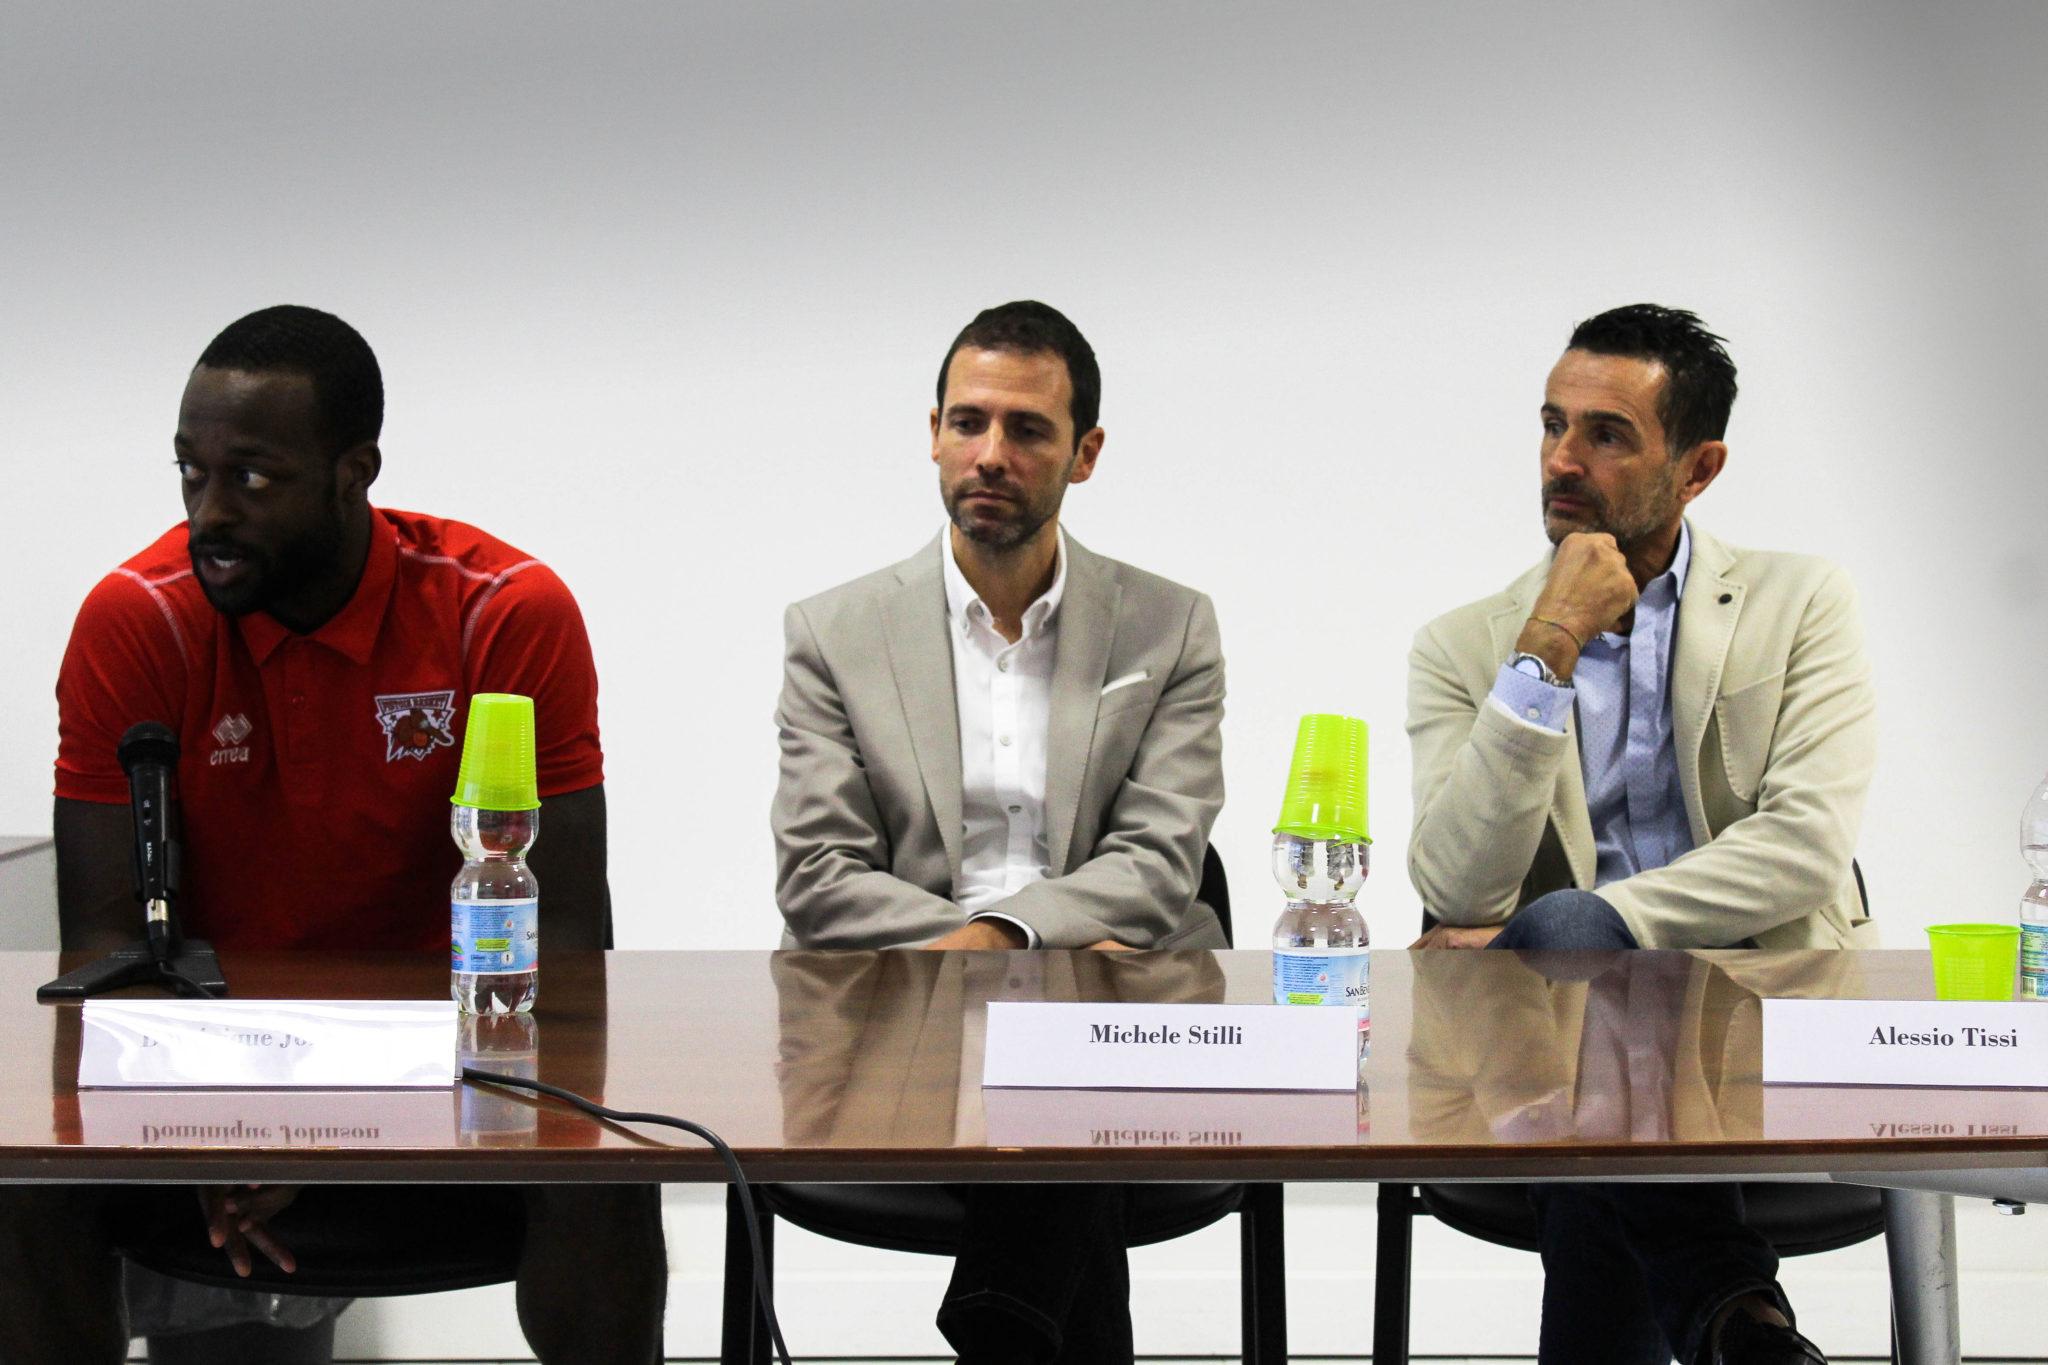 Conferenza OriOra: Dominique Johnson, Michele Stilli, Alessio Tissi